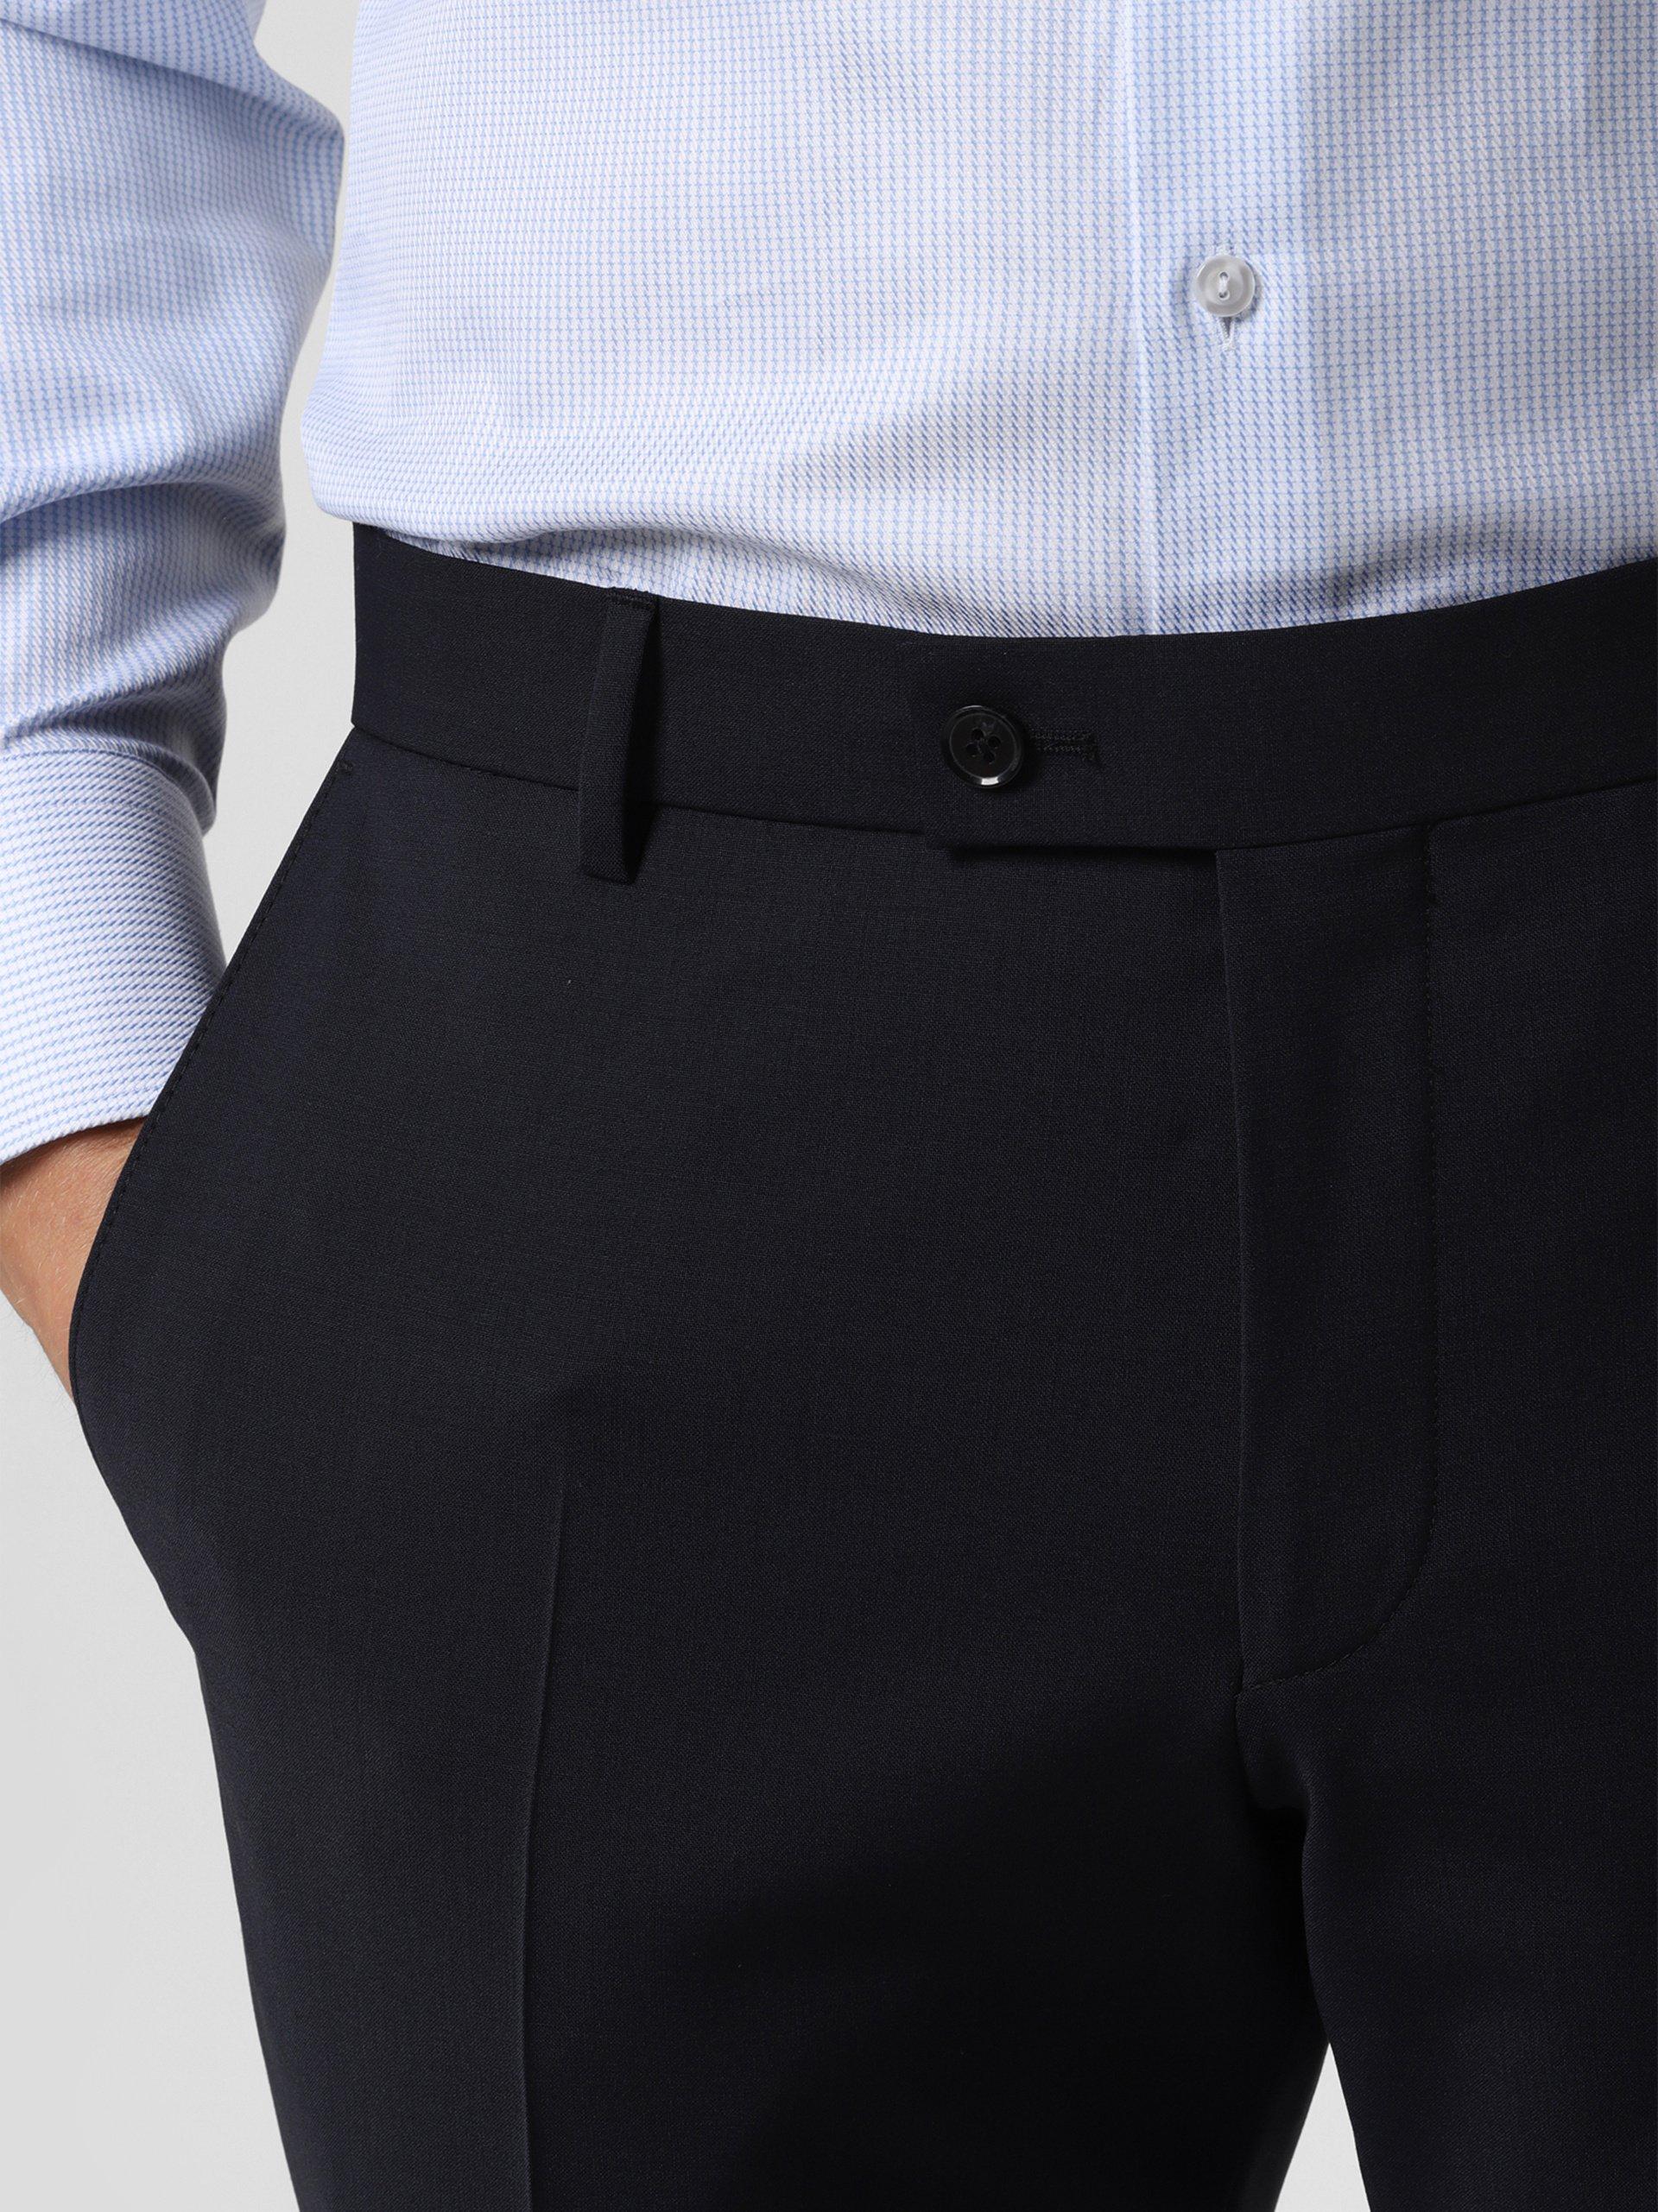 Finshley & Harding Męskie spodnie od garnituru modułowego – Mitch